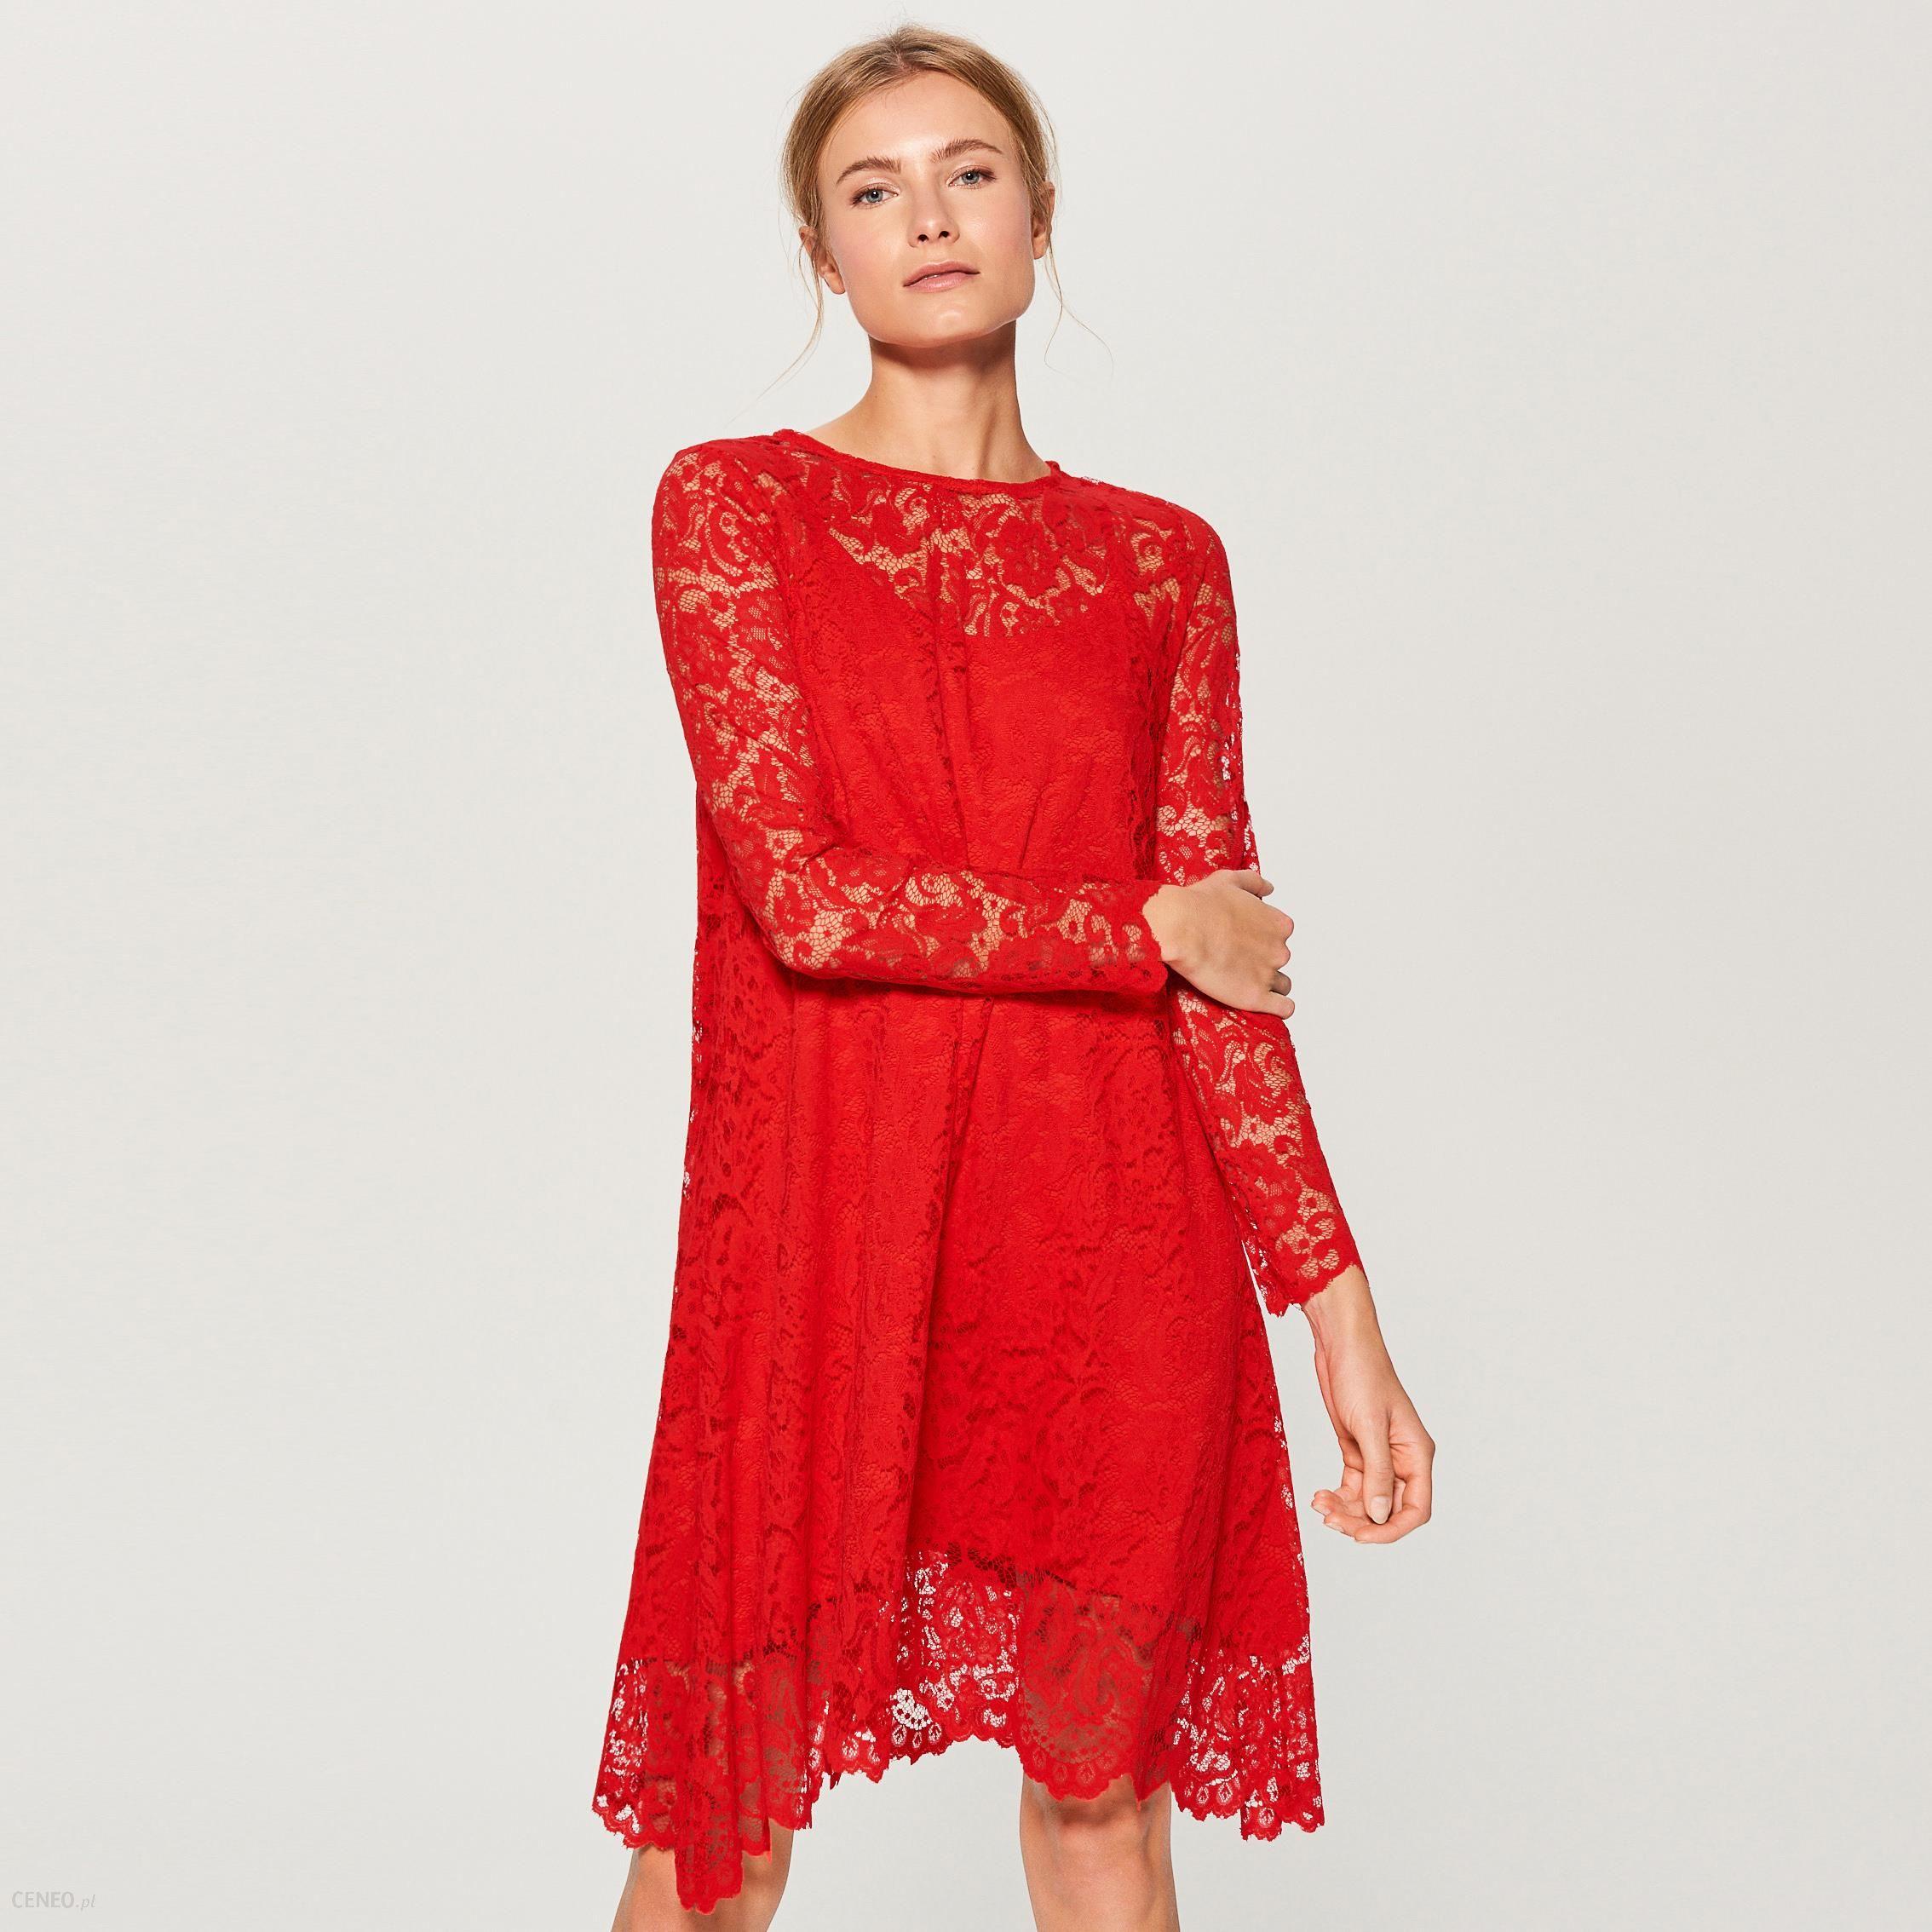 d653b985 Mohito - Czerwona sukienka z koronki - Czerwony - Ceny i opinie - Ceneo.pl